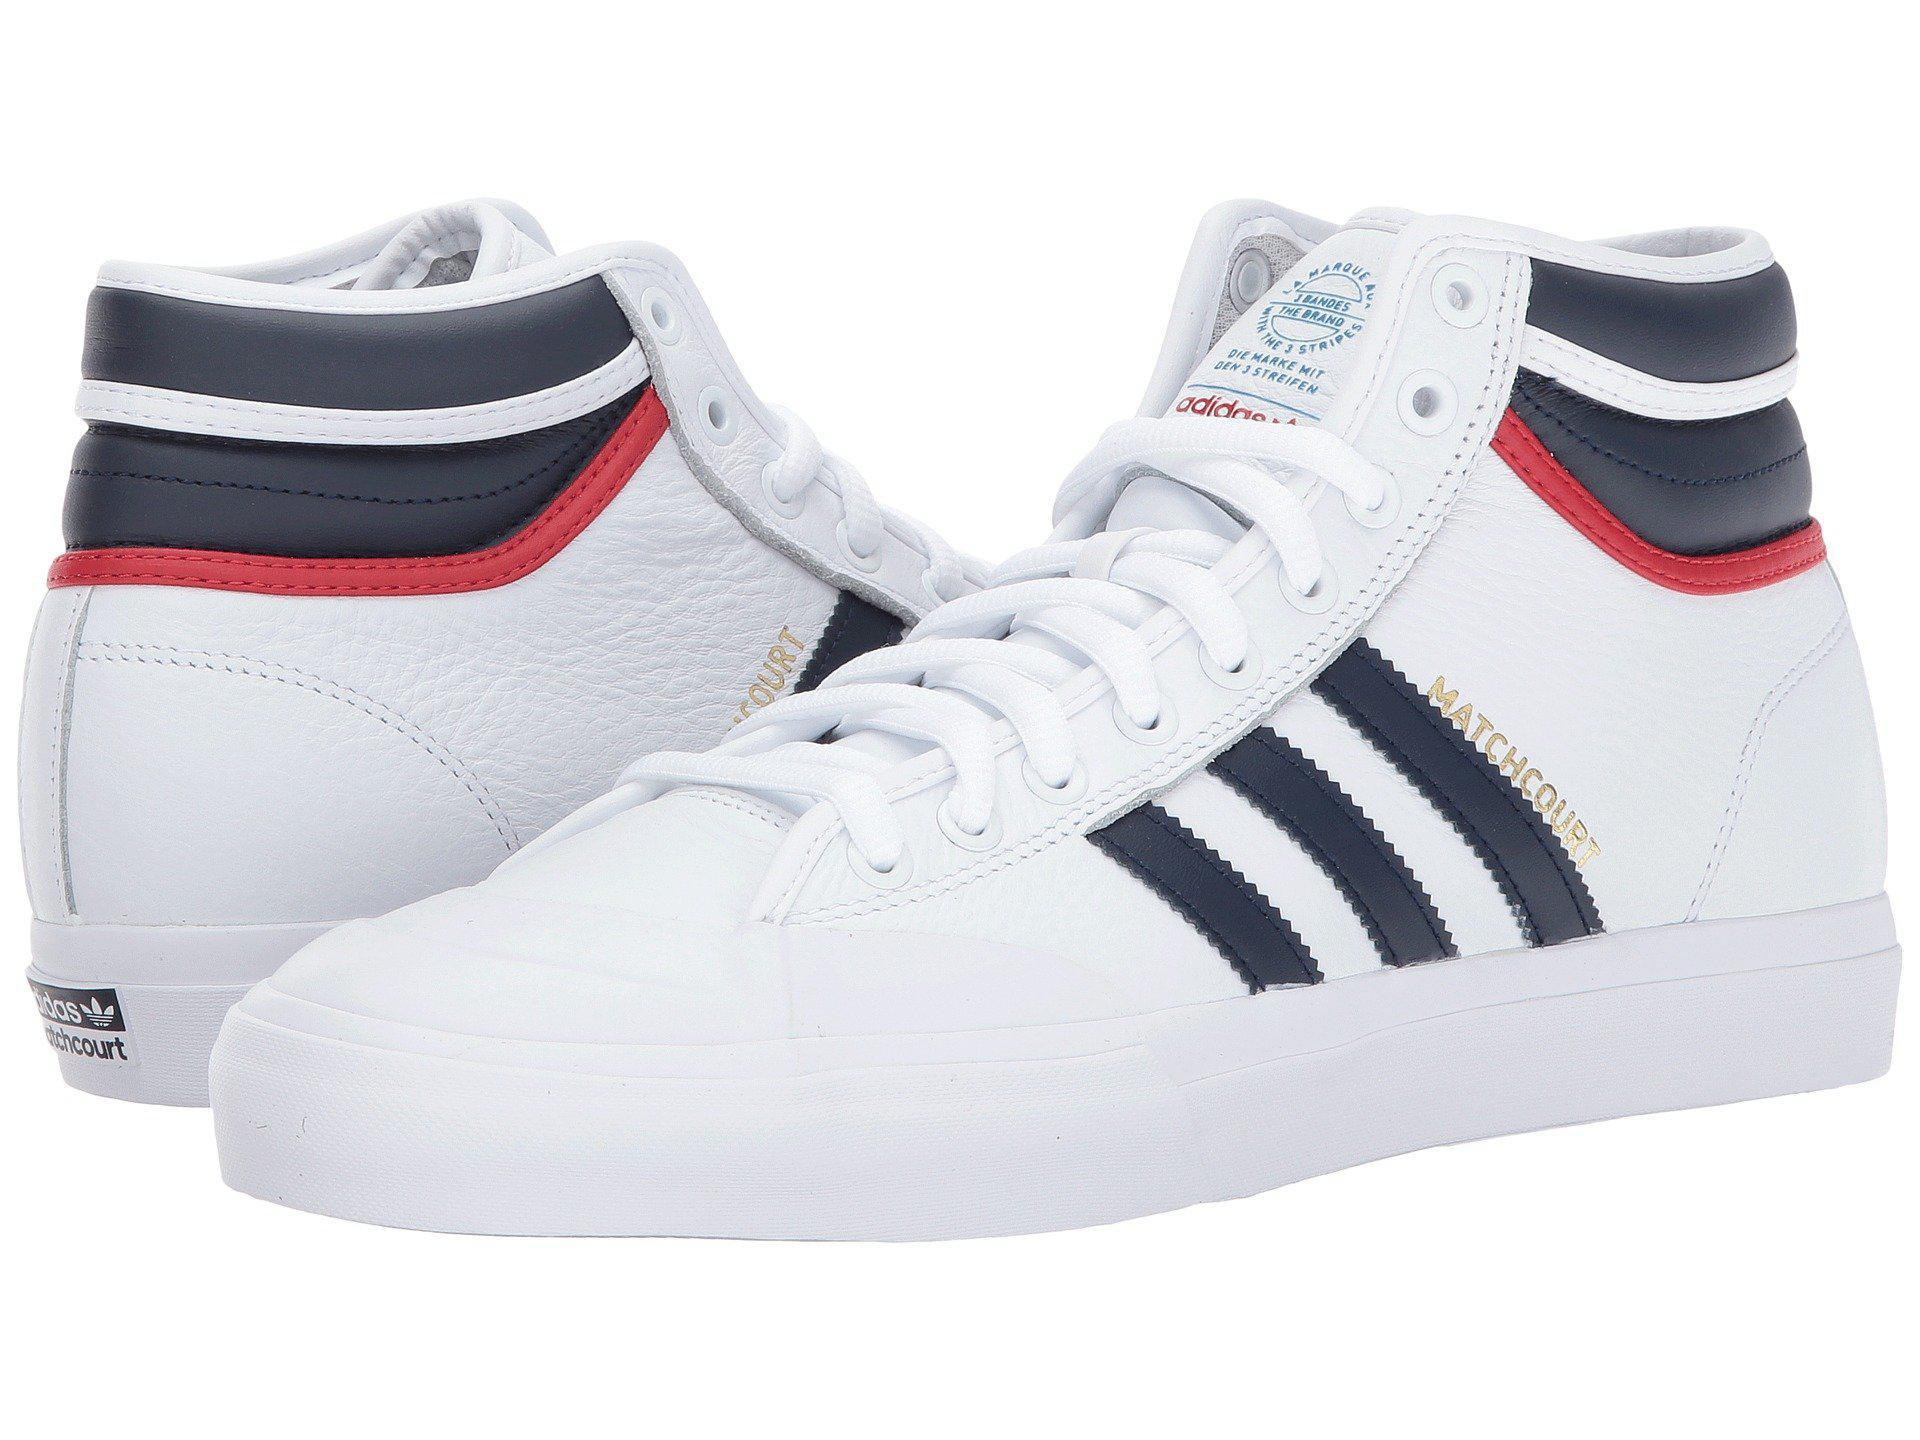 bf288aa82bb Lyst - adidas Originals Matchcourt High Rx2